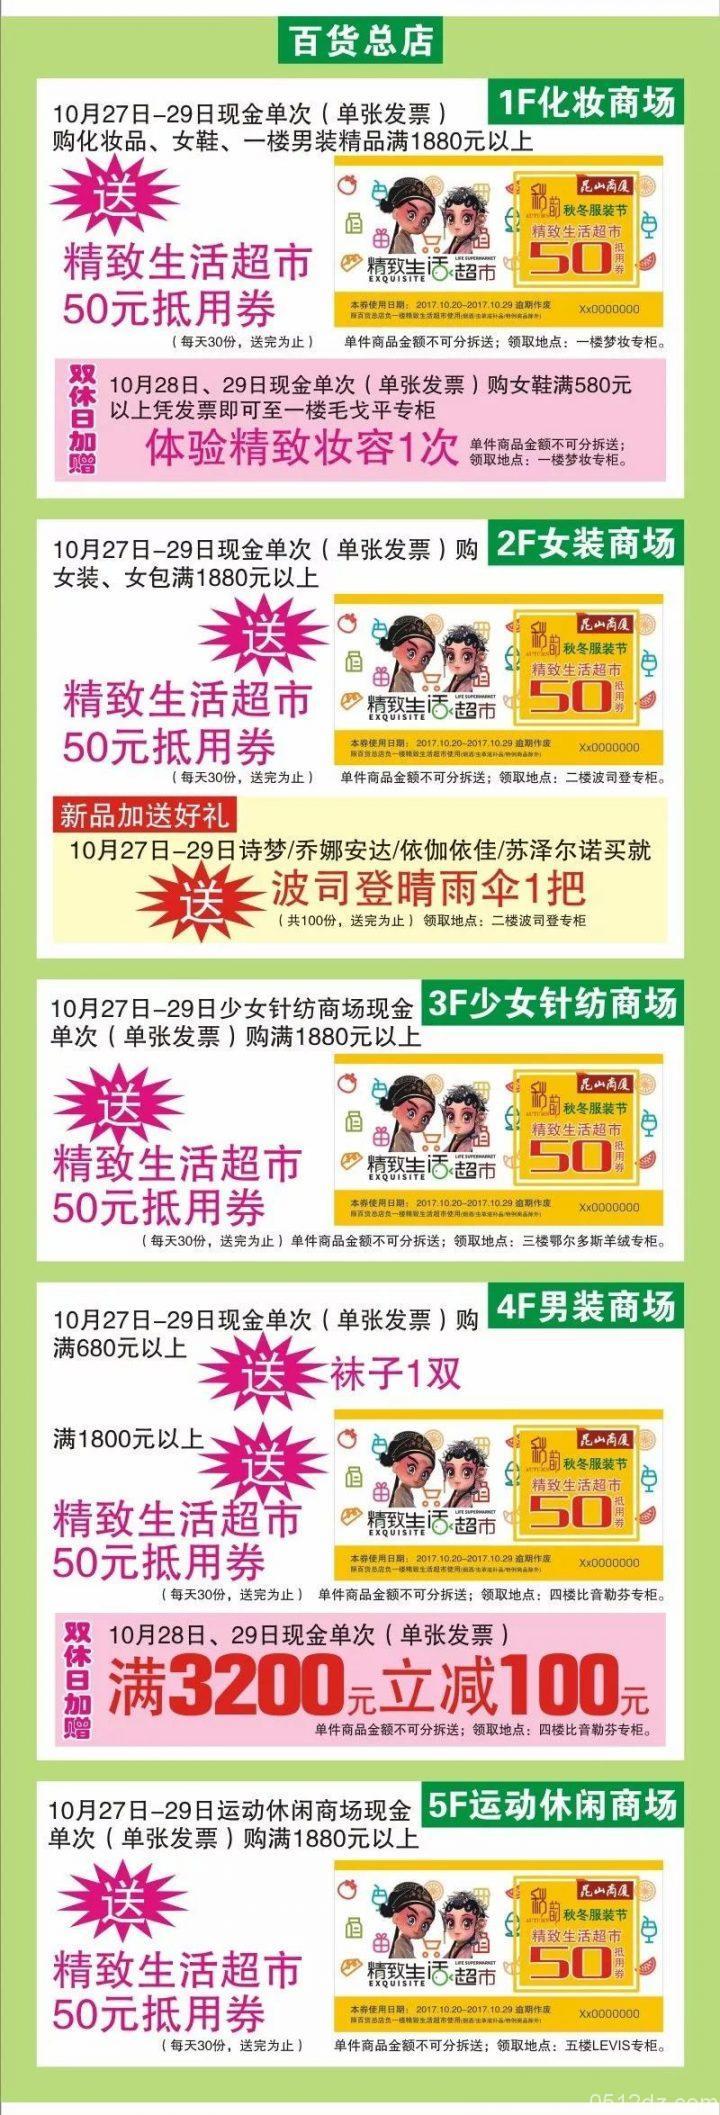 昆山商厦2017金秋重阳节打折优惠